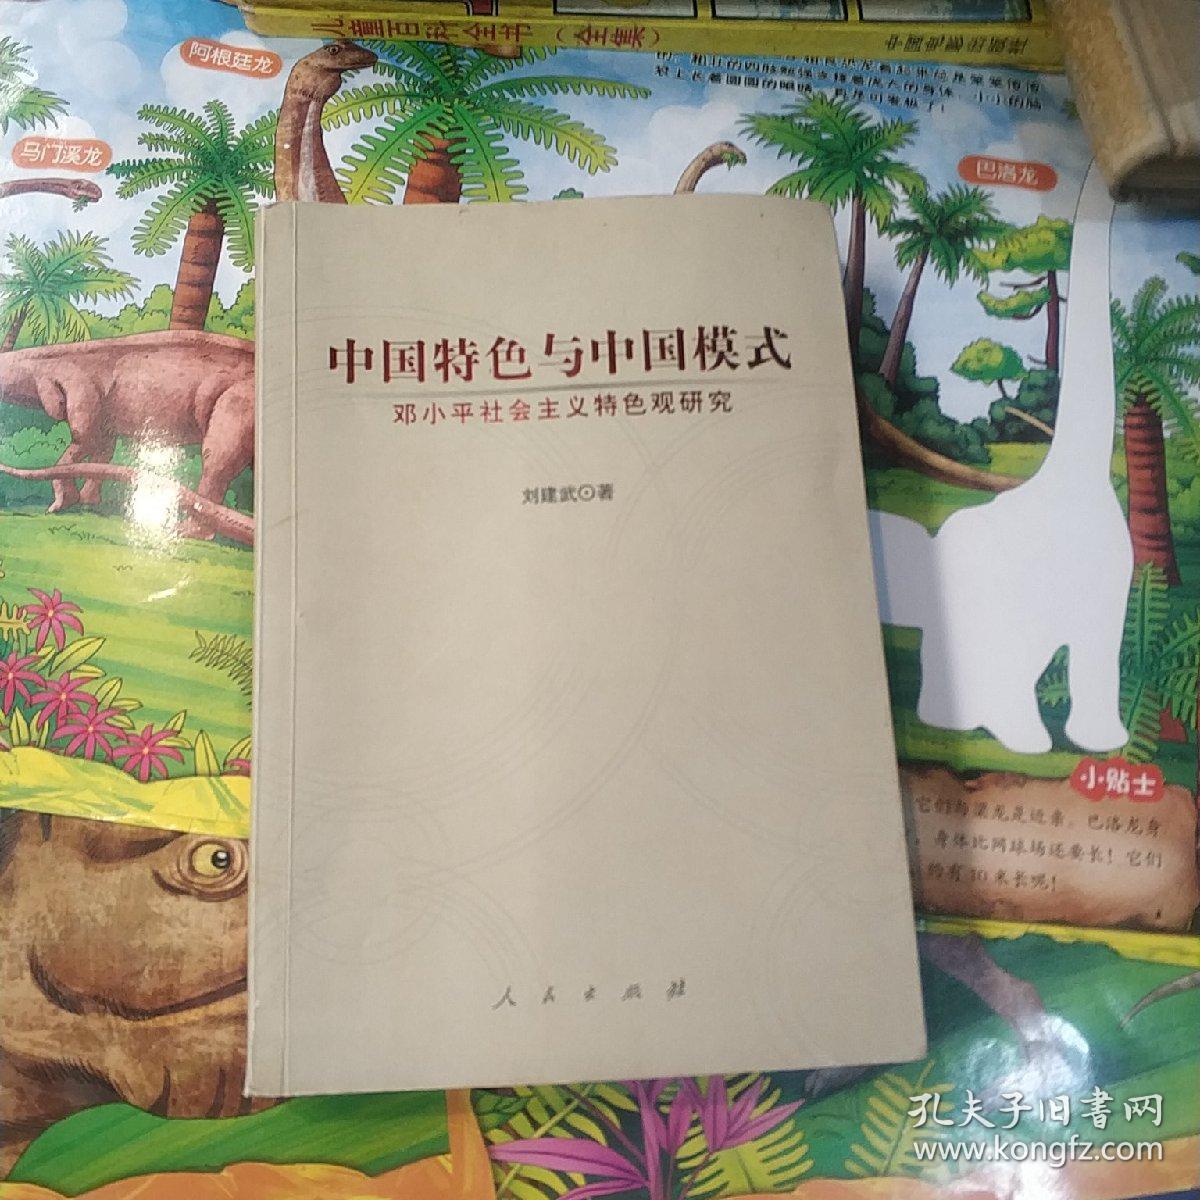 中国特色与中国模式:邓小平社会主义特色观研究